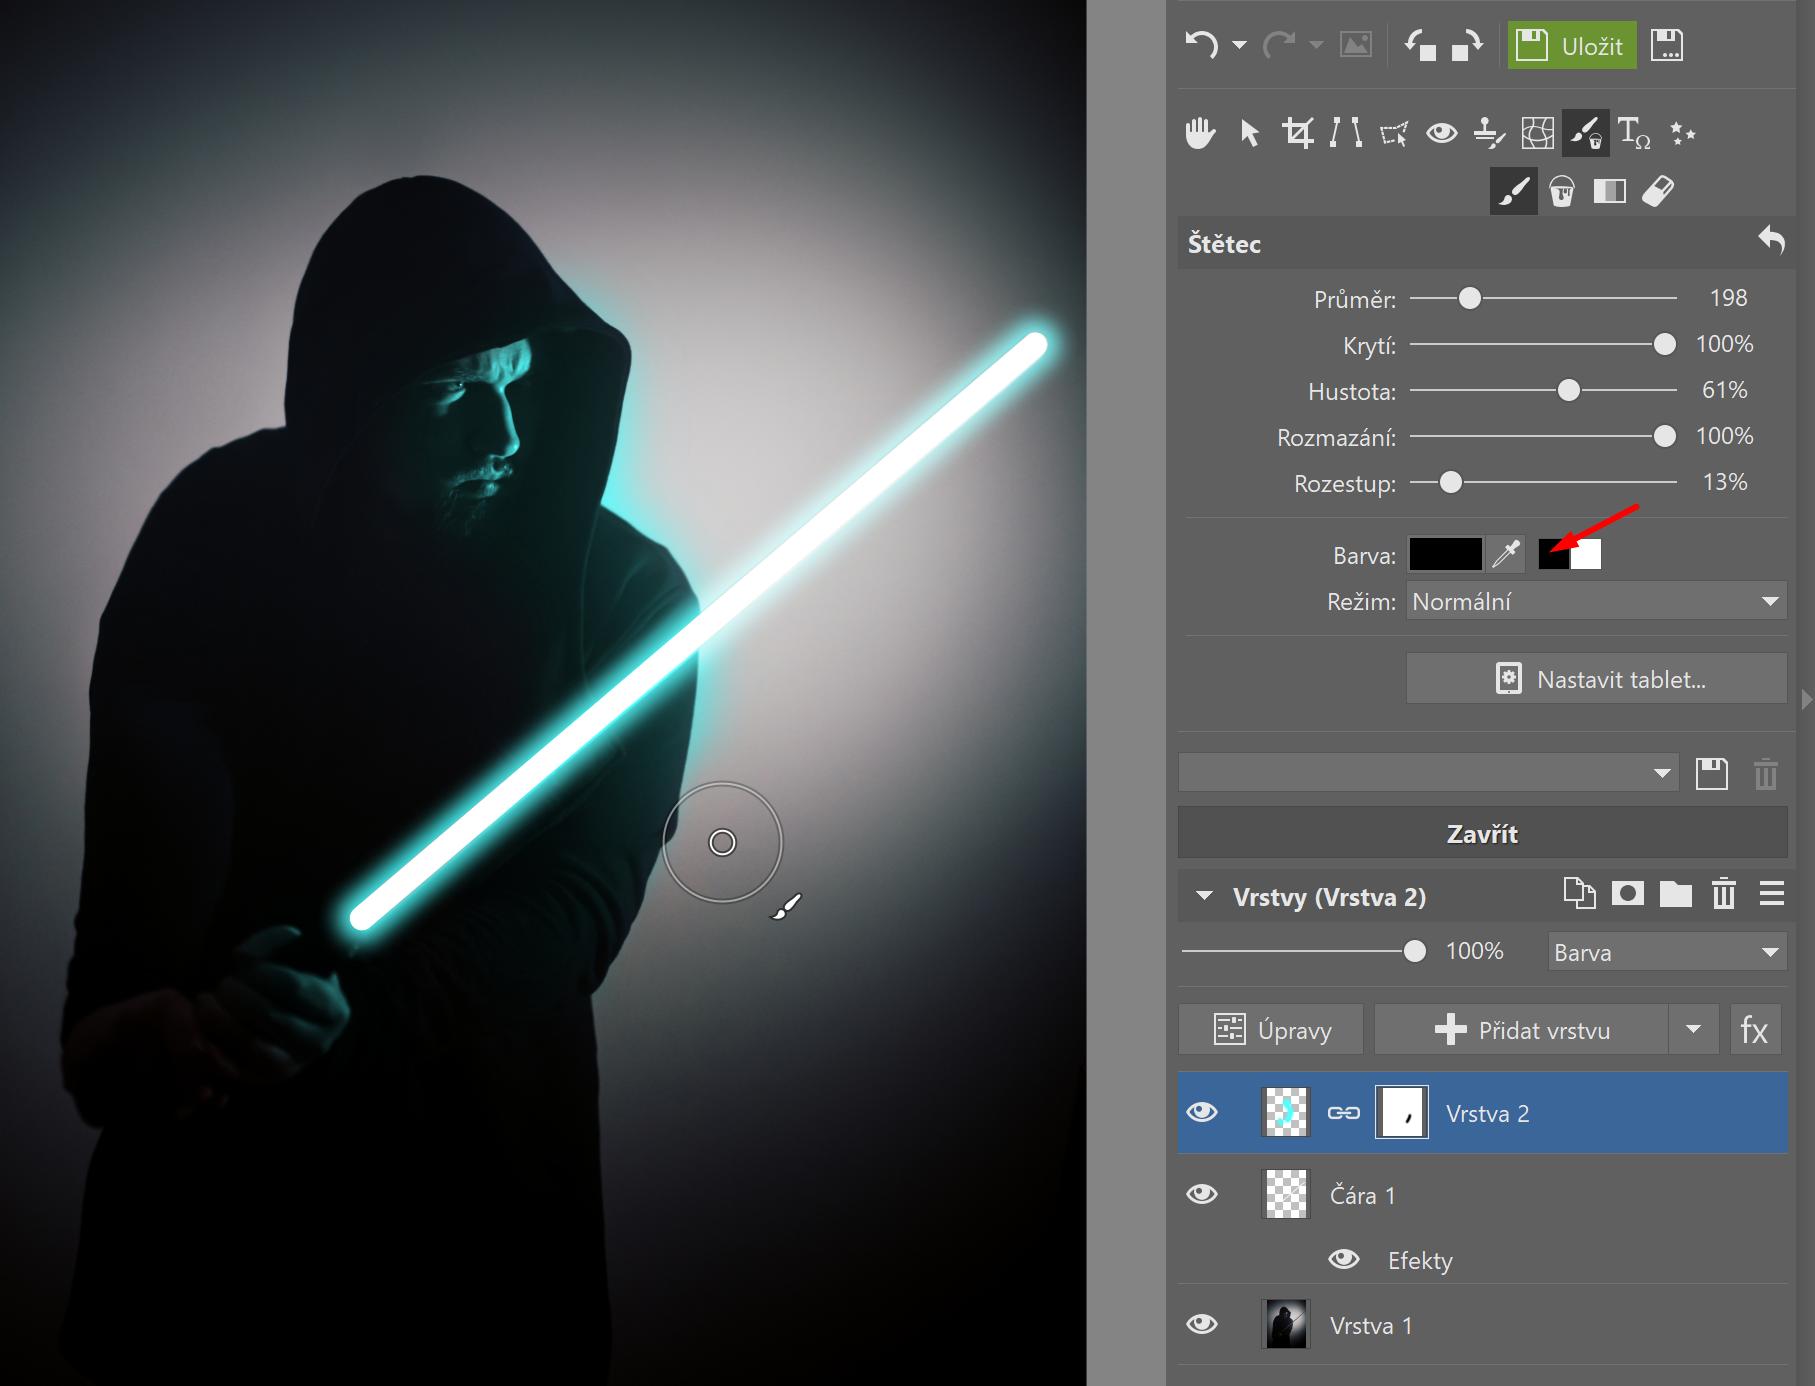 Star Wars speciál: přidejte si do fotky světelný meč - maskování fotky